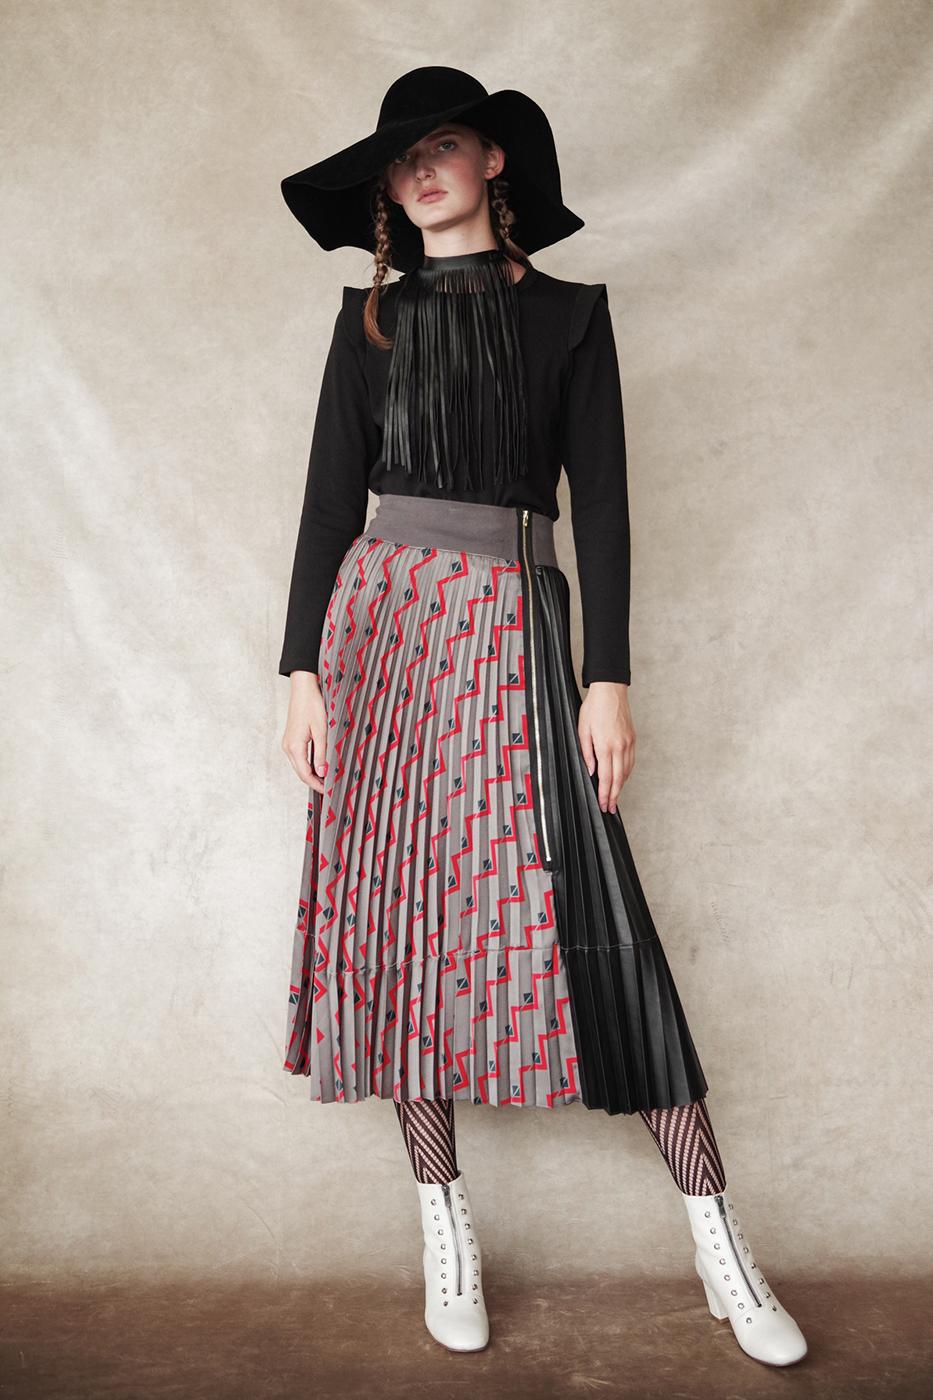 192053 T-shirt ¥13,000, 192038 Skirt ¥28,000